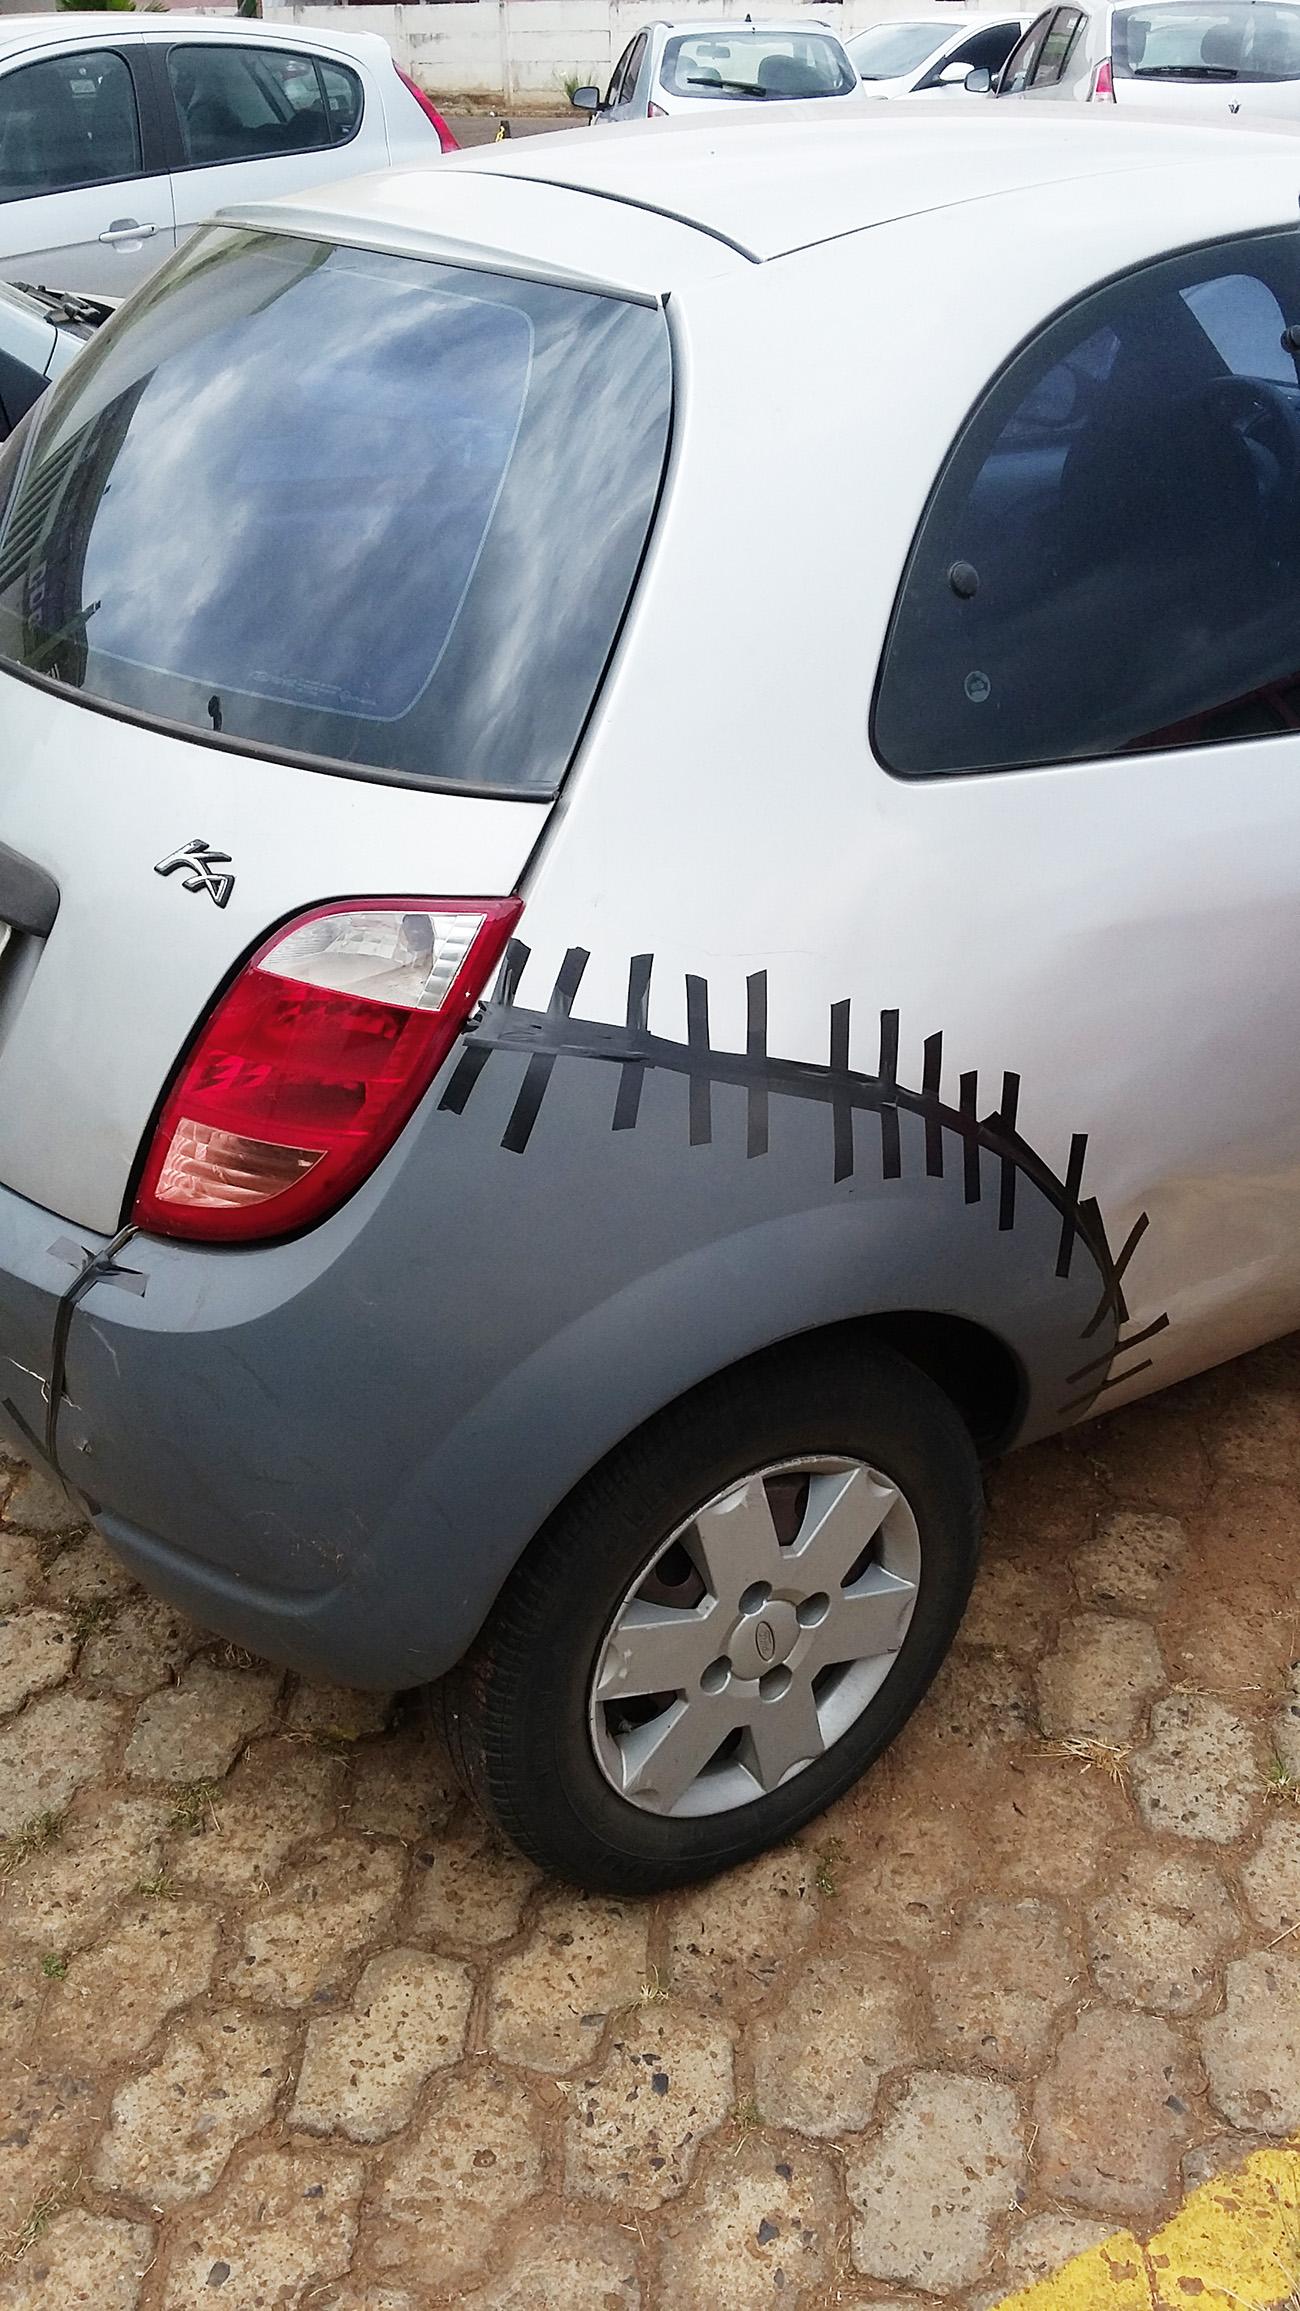 Para impressionar as garotas do bairro, o Ford Ka gosta de exibir por aí a cicatriz que acabou de ganhar